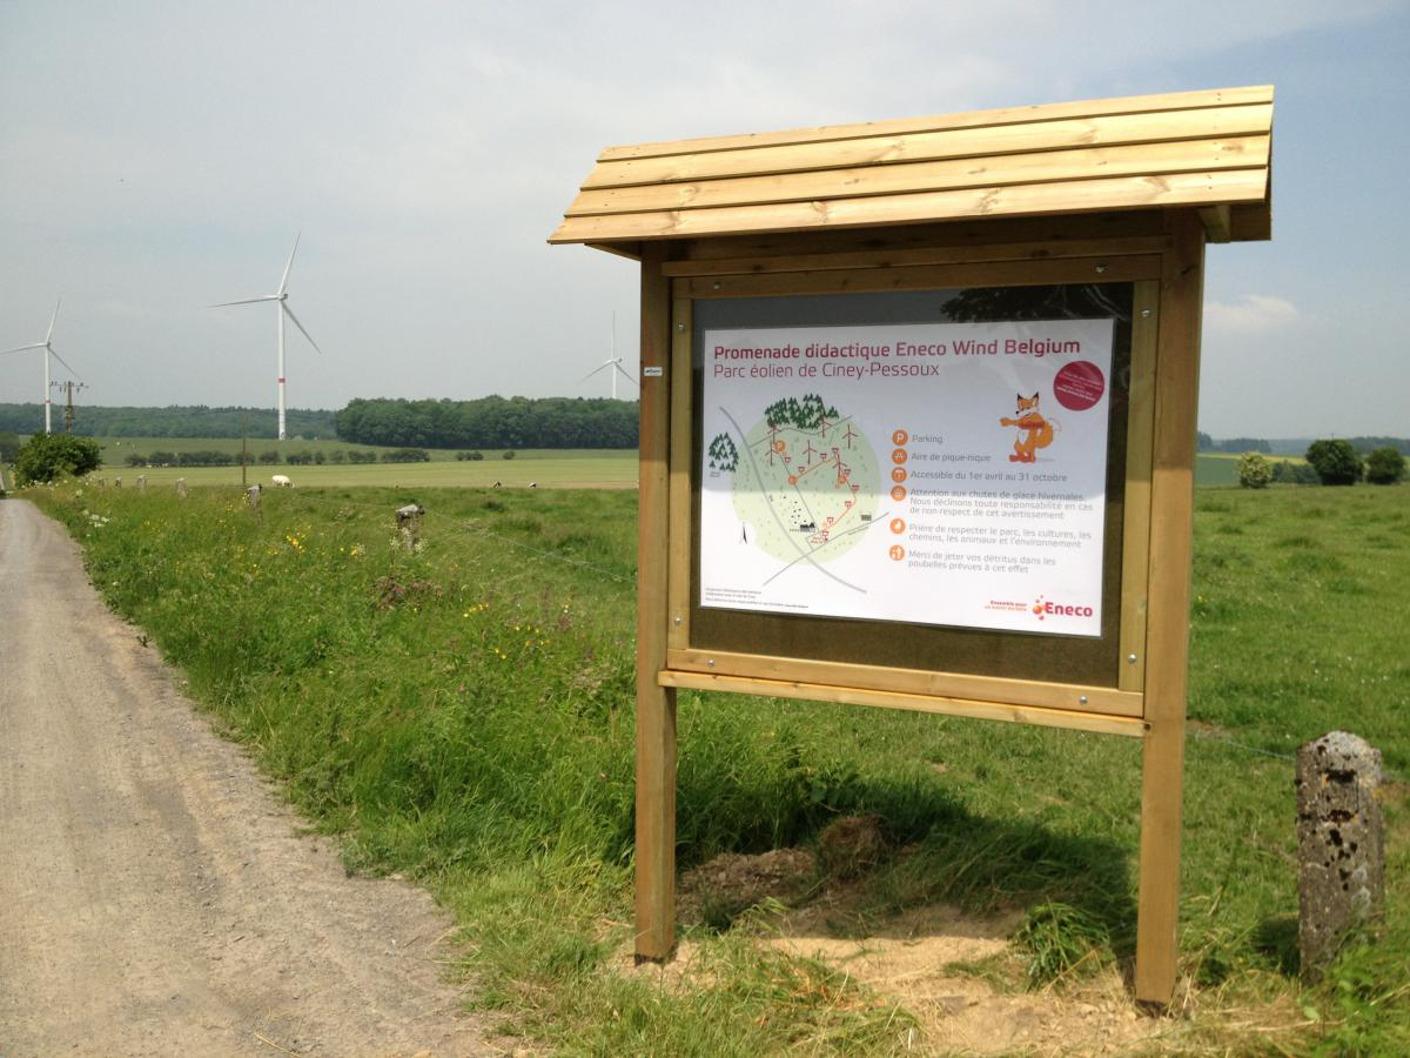 Eneco remporte le Prix Belge de l'Énergie et de l'Environnement pour ses cours sur l'énergie durable